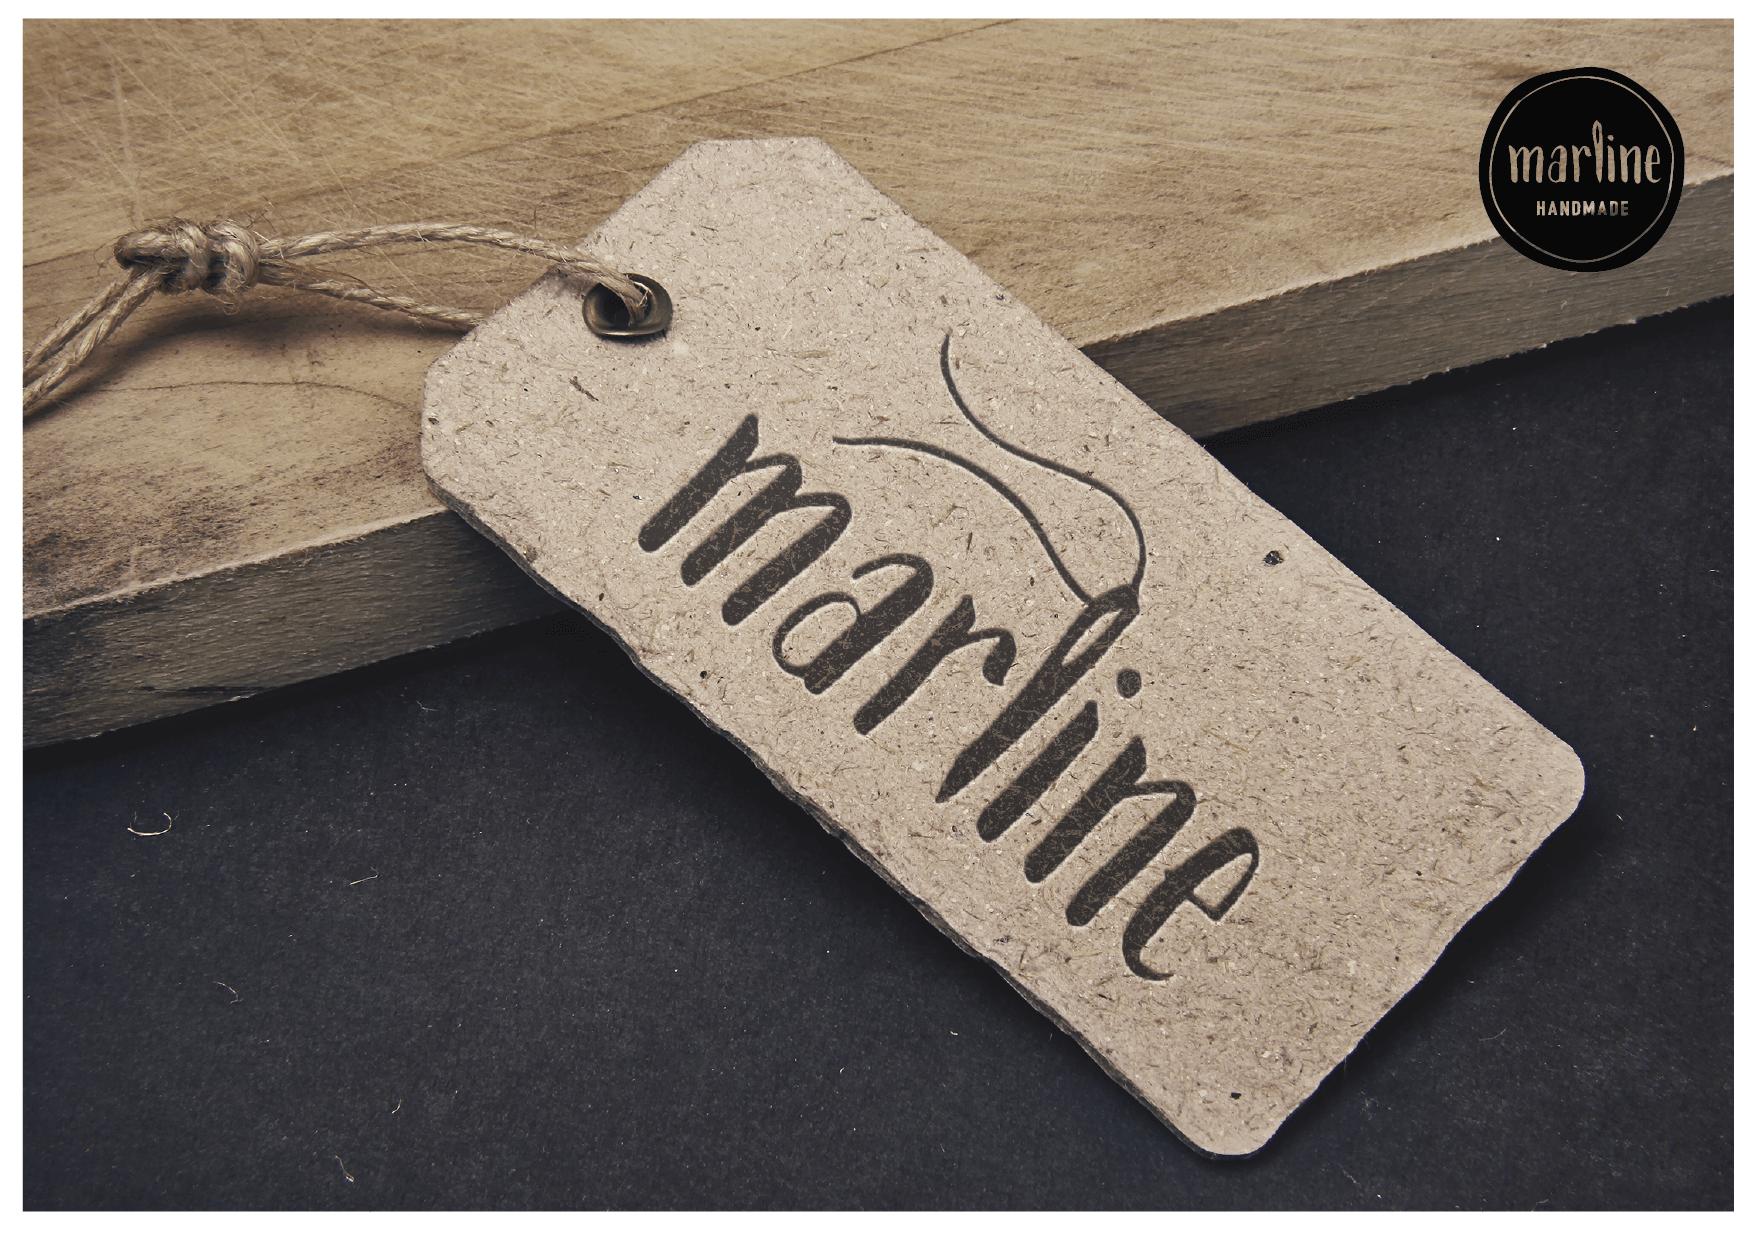 marline_CI_v02-11